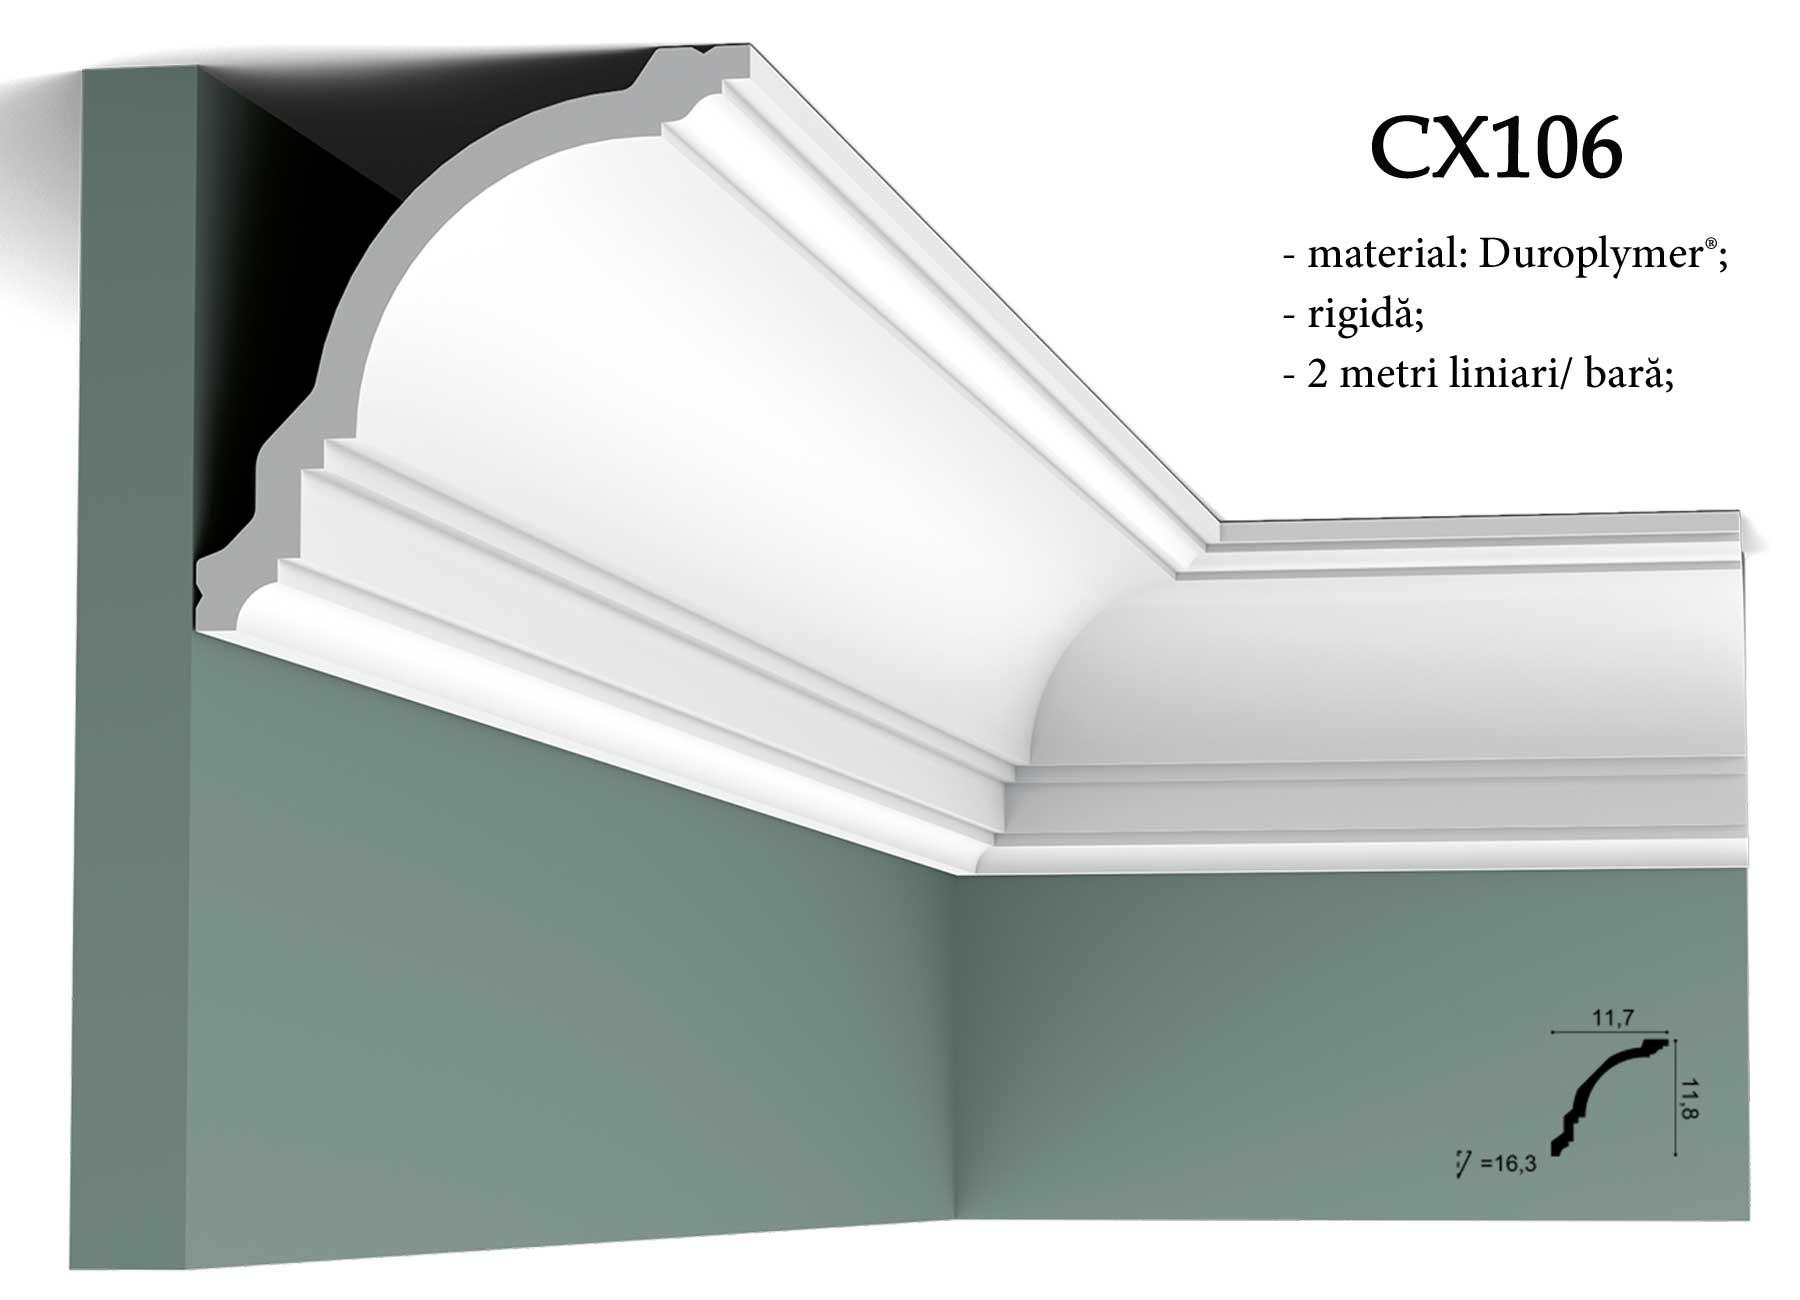 CX106 cornisa decorativa pentru tavan Orac Decor. erminatie tapet.